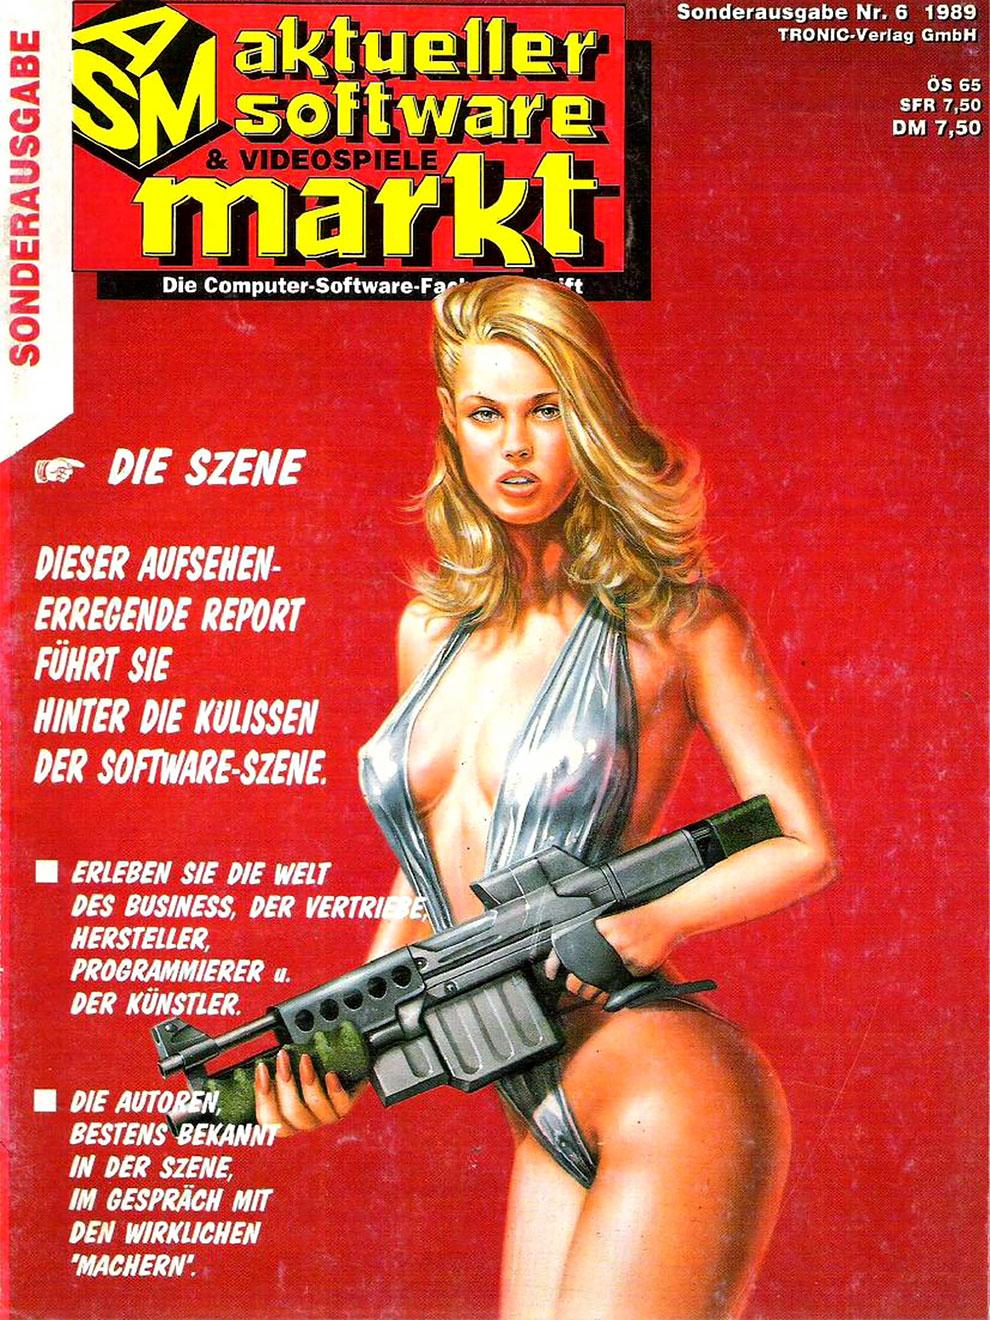 Обложки компьютерных журналов 80-90-х годов